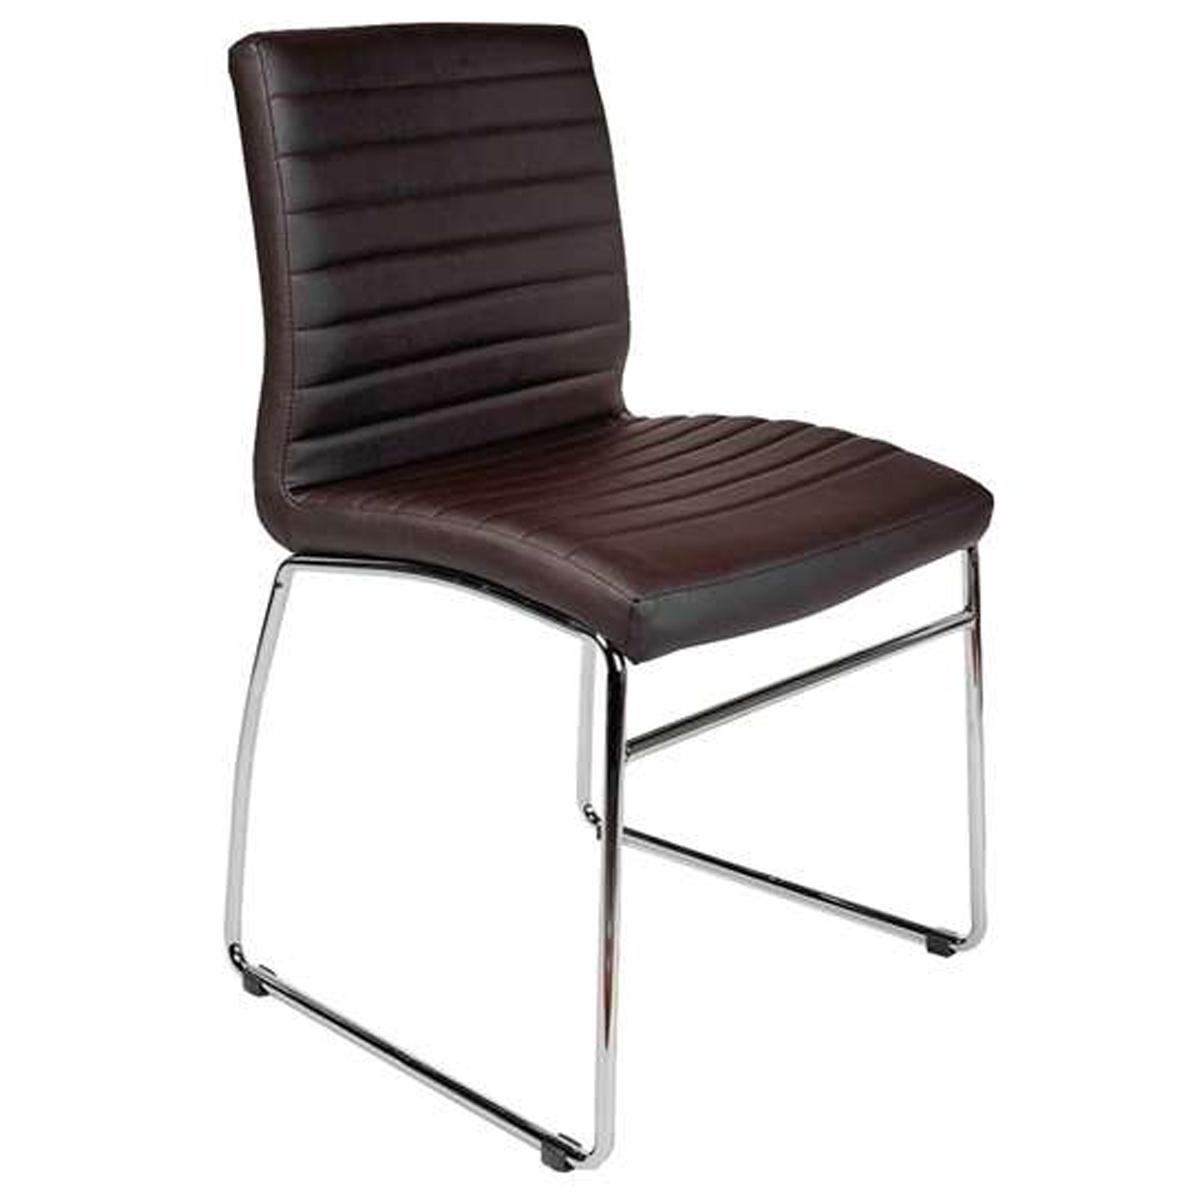 Trucos para escoger sillas para una sala de espera - Homy.es: Homy.es